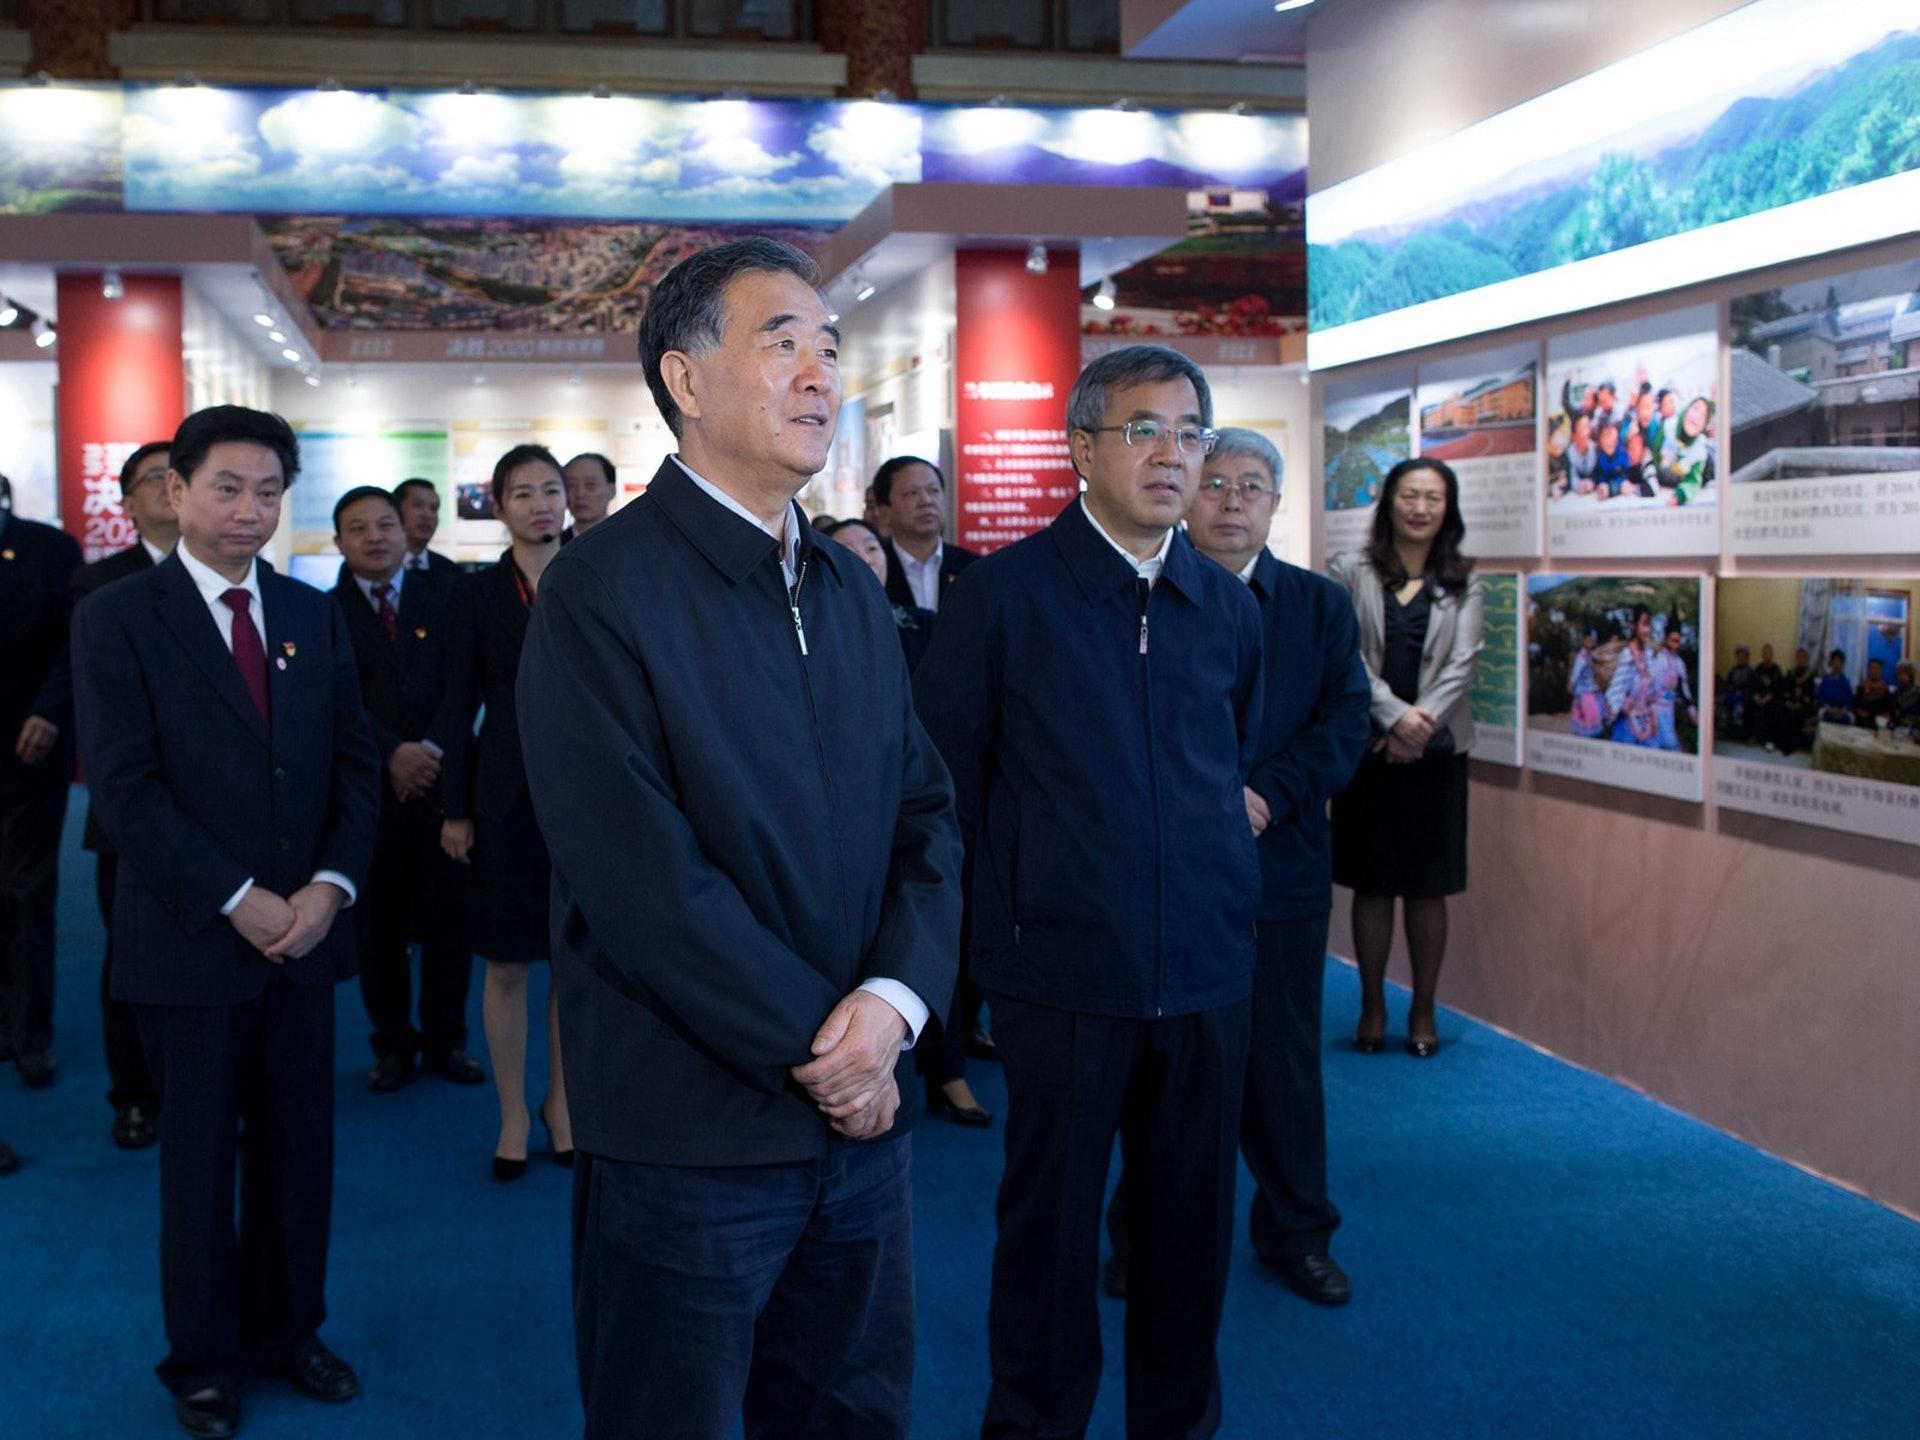 駱惠寧與汪洋(圖)交集的時間在1997年出任安徽省政府秘書長之前,他當過一段時間的副秘書長,負責輔助當時的副省長汪洋的工作。(新華社)